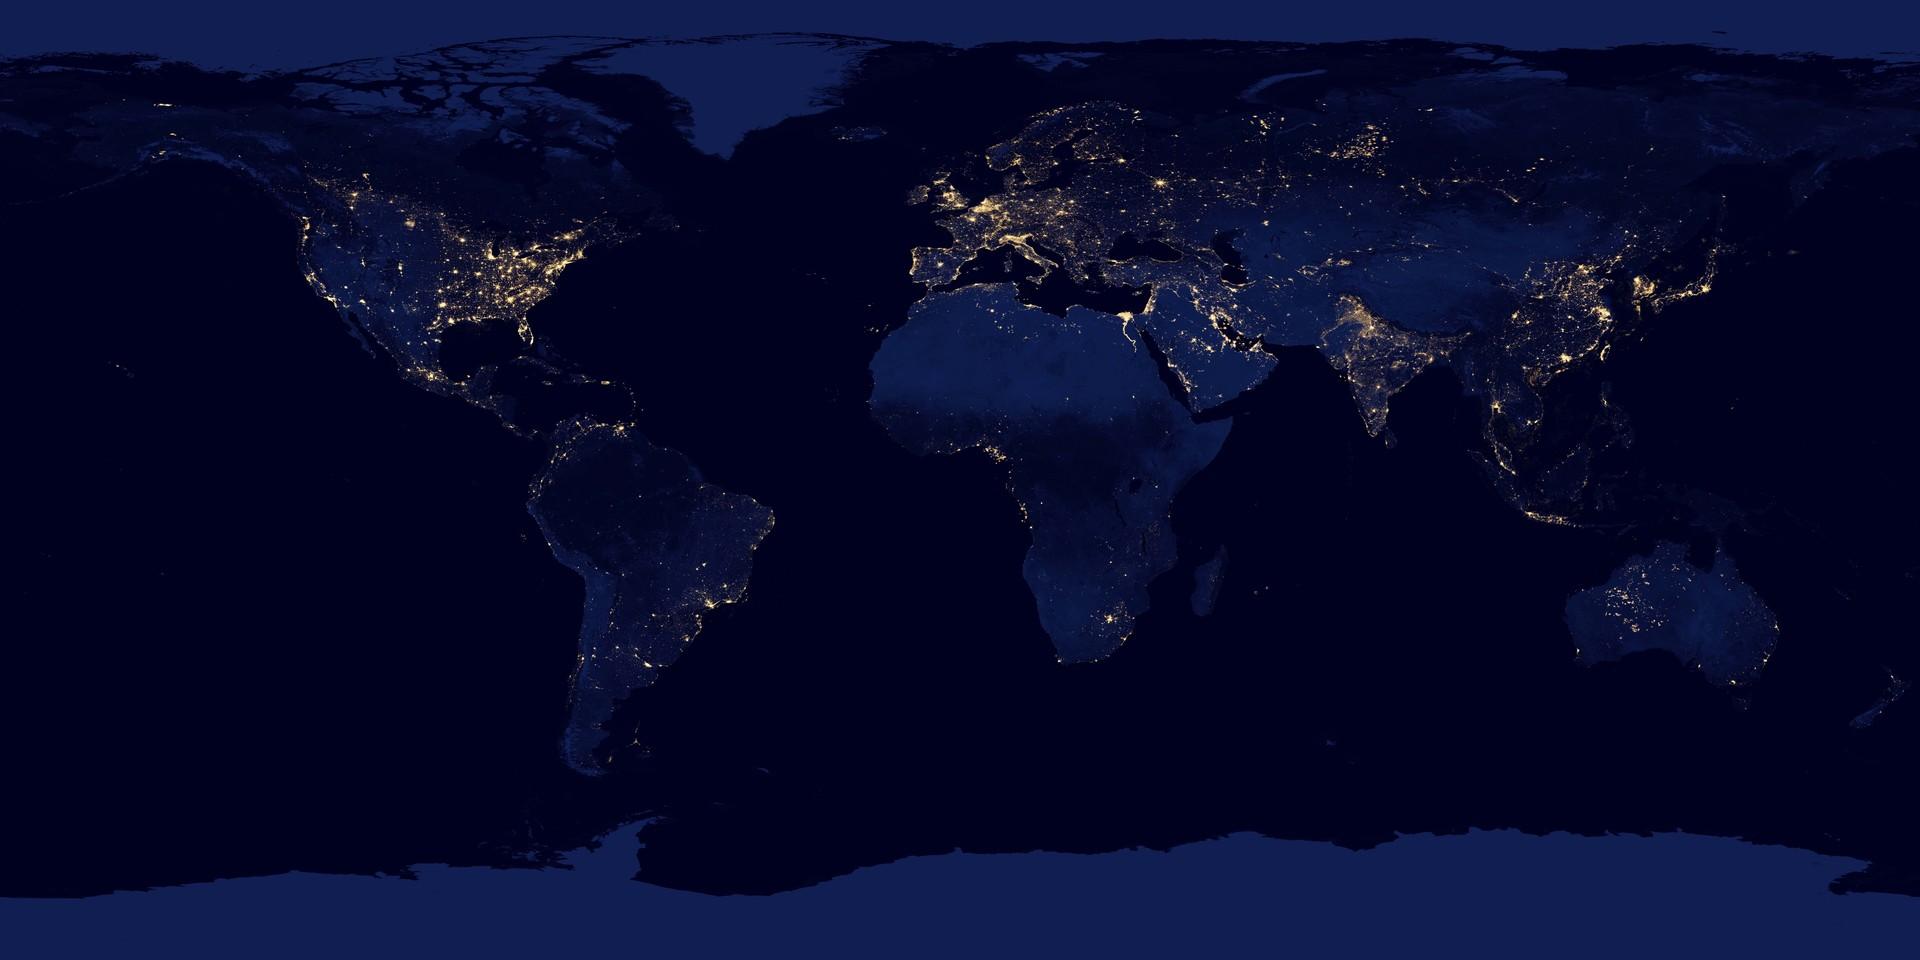 A poluição luminosa provoca diversos impactos negativos. Precisamos mesmo de tanta luz? (Foto: NASA Earth Observatory/NOAA-NGDC)